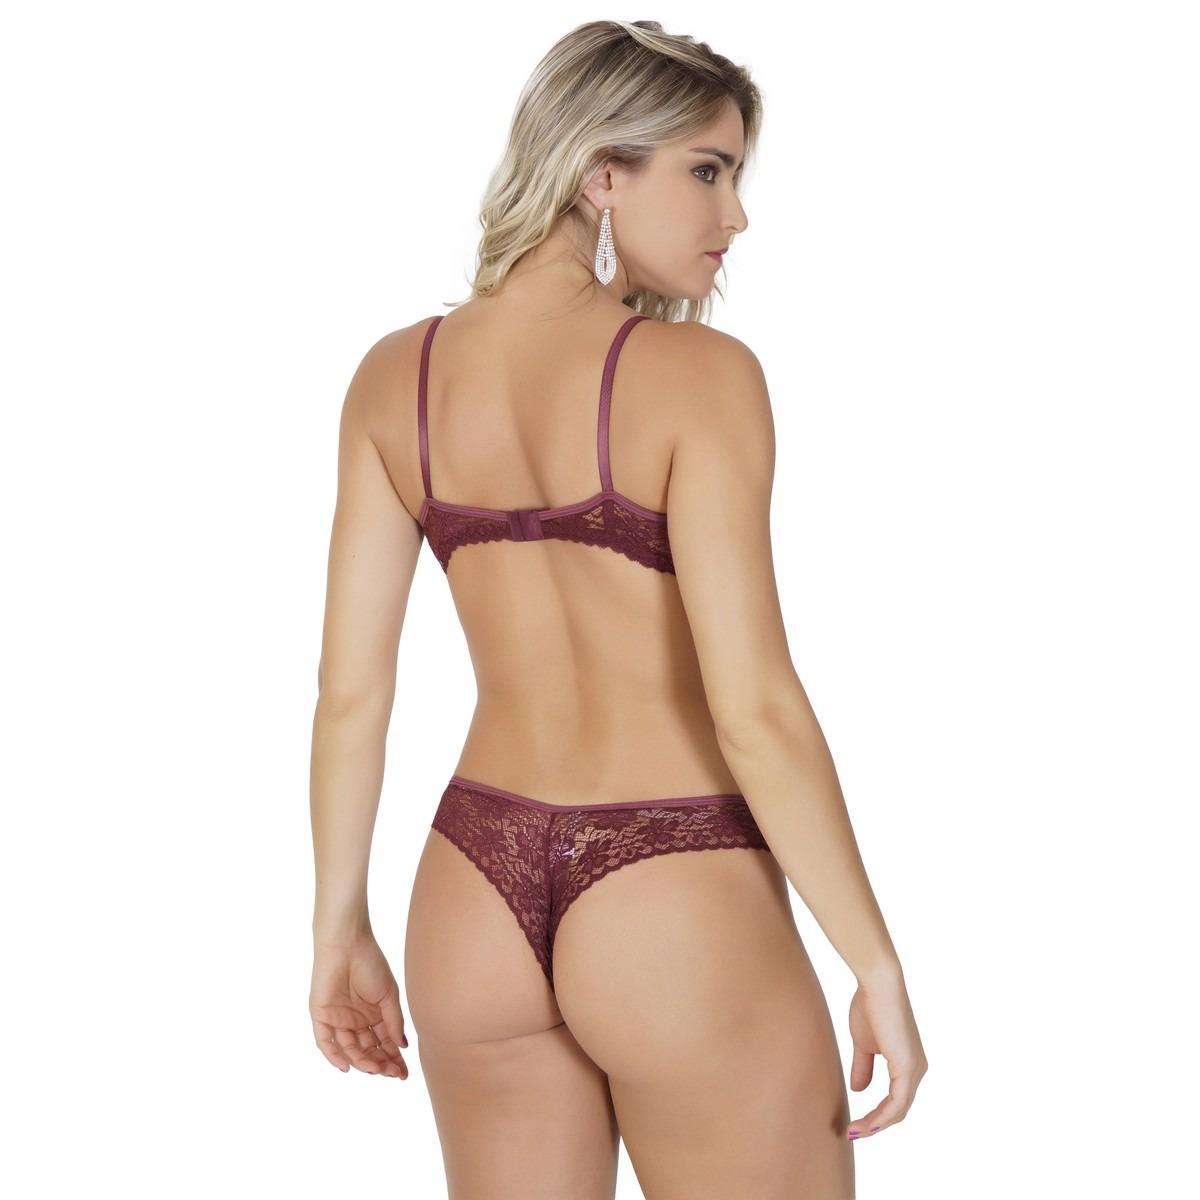 c08462256 conjunto lingerie em renda com detalhes em fita em cetim k10. Carregando  zoom.